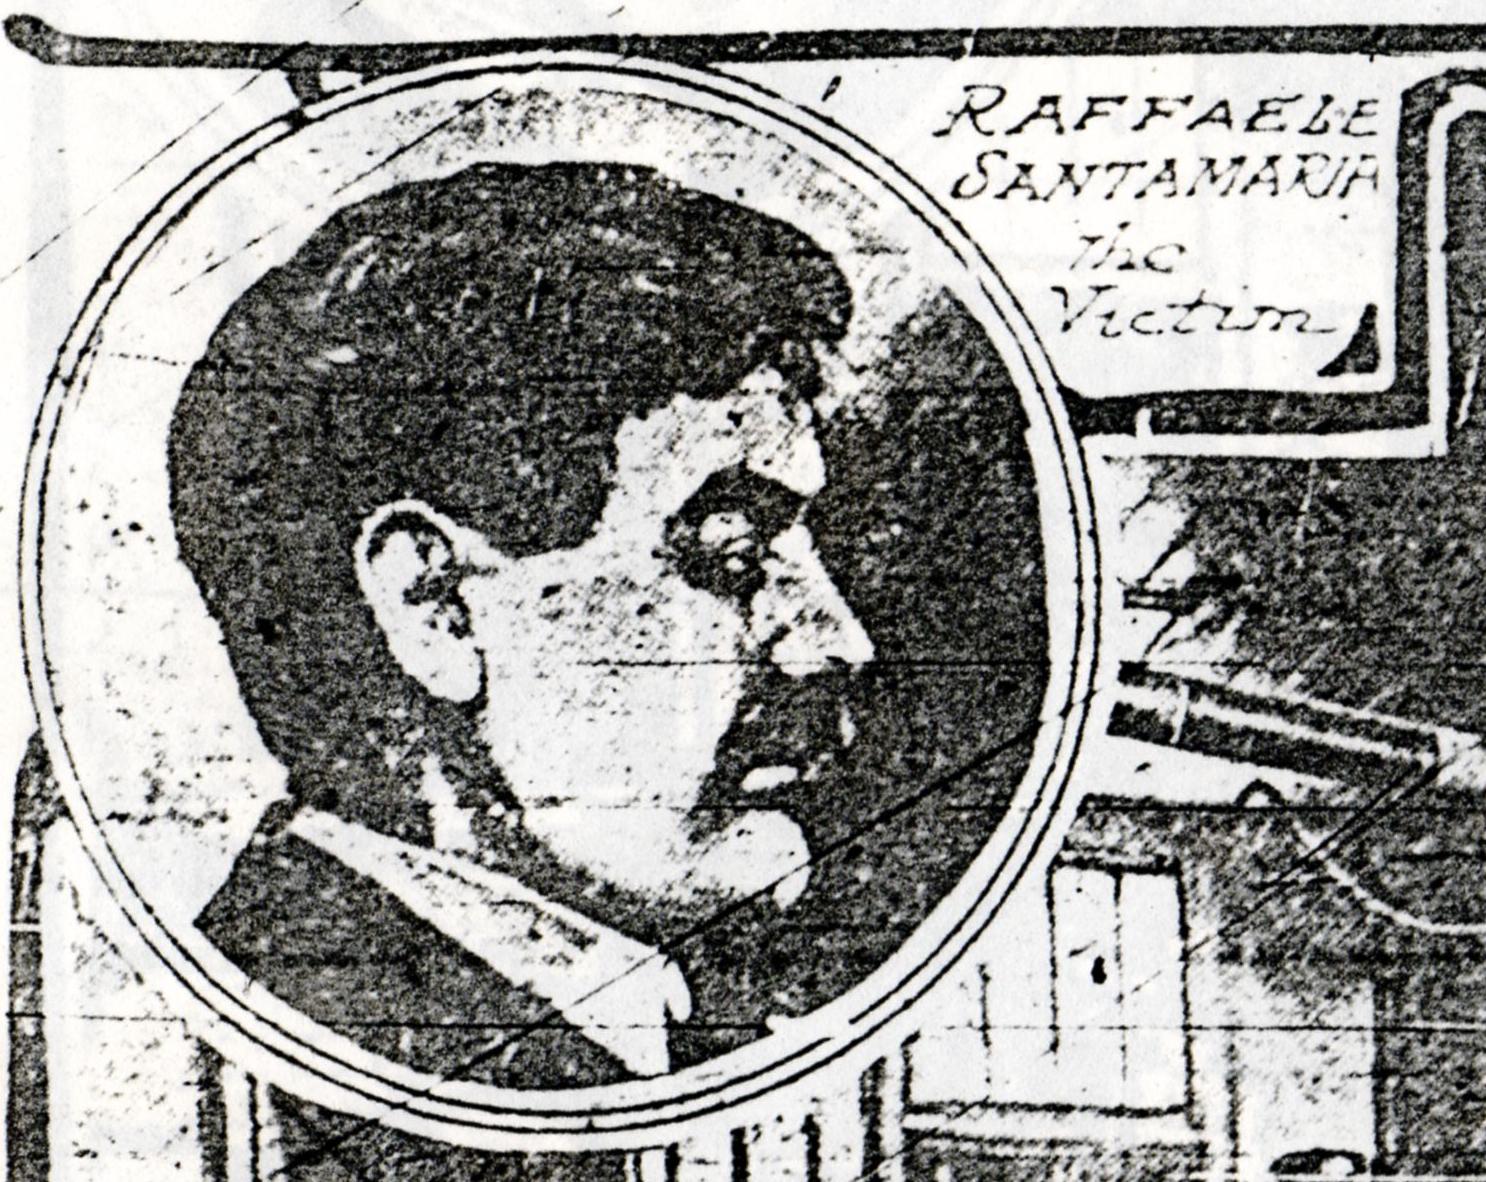 Raffaele Frank Santa Maria